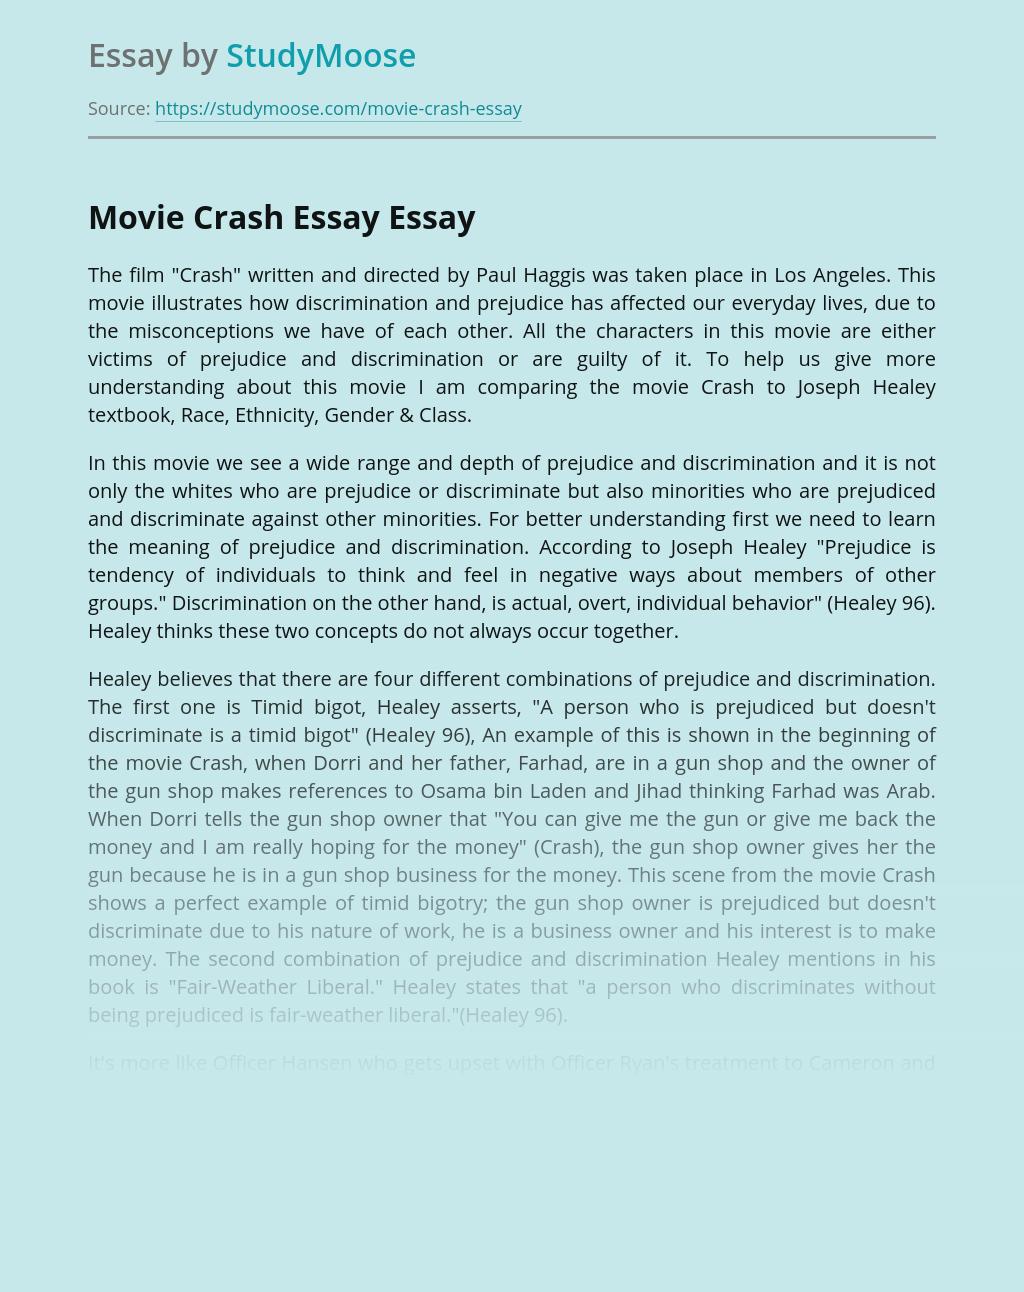 Movie Crash Essay